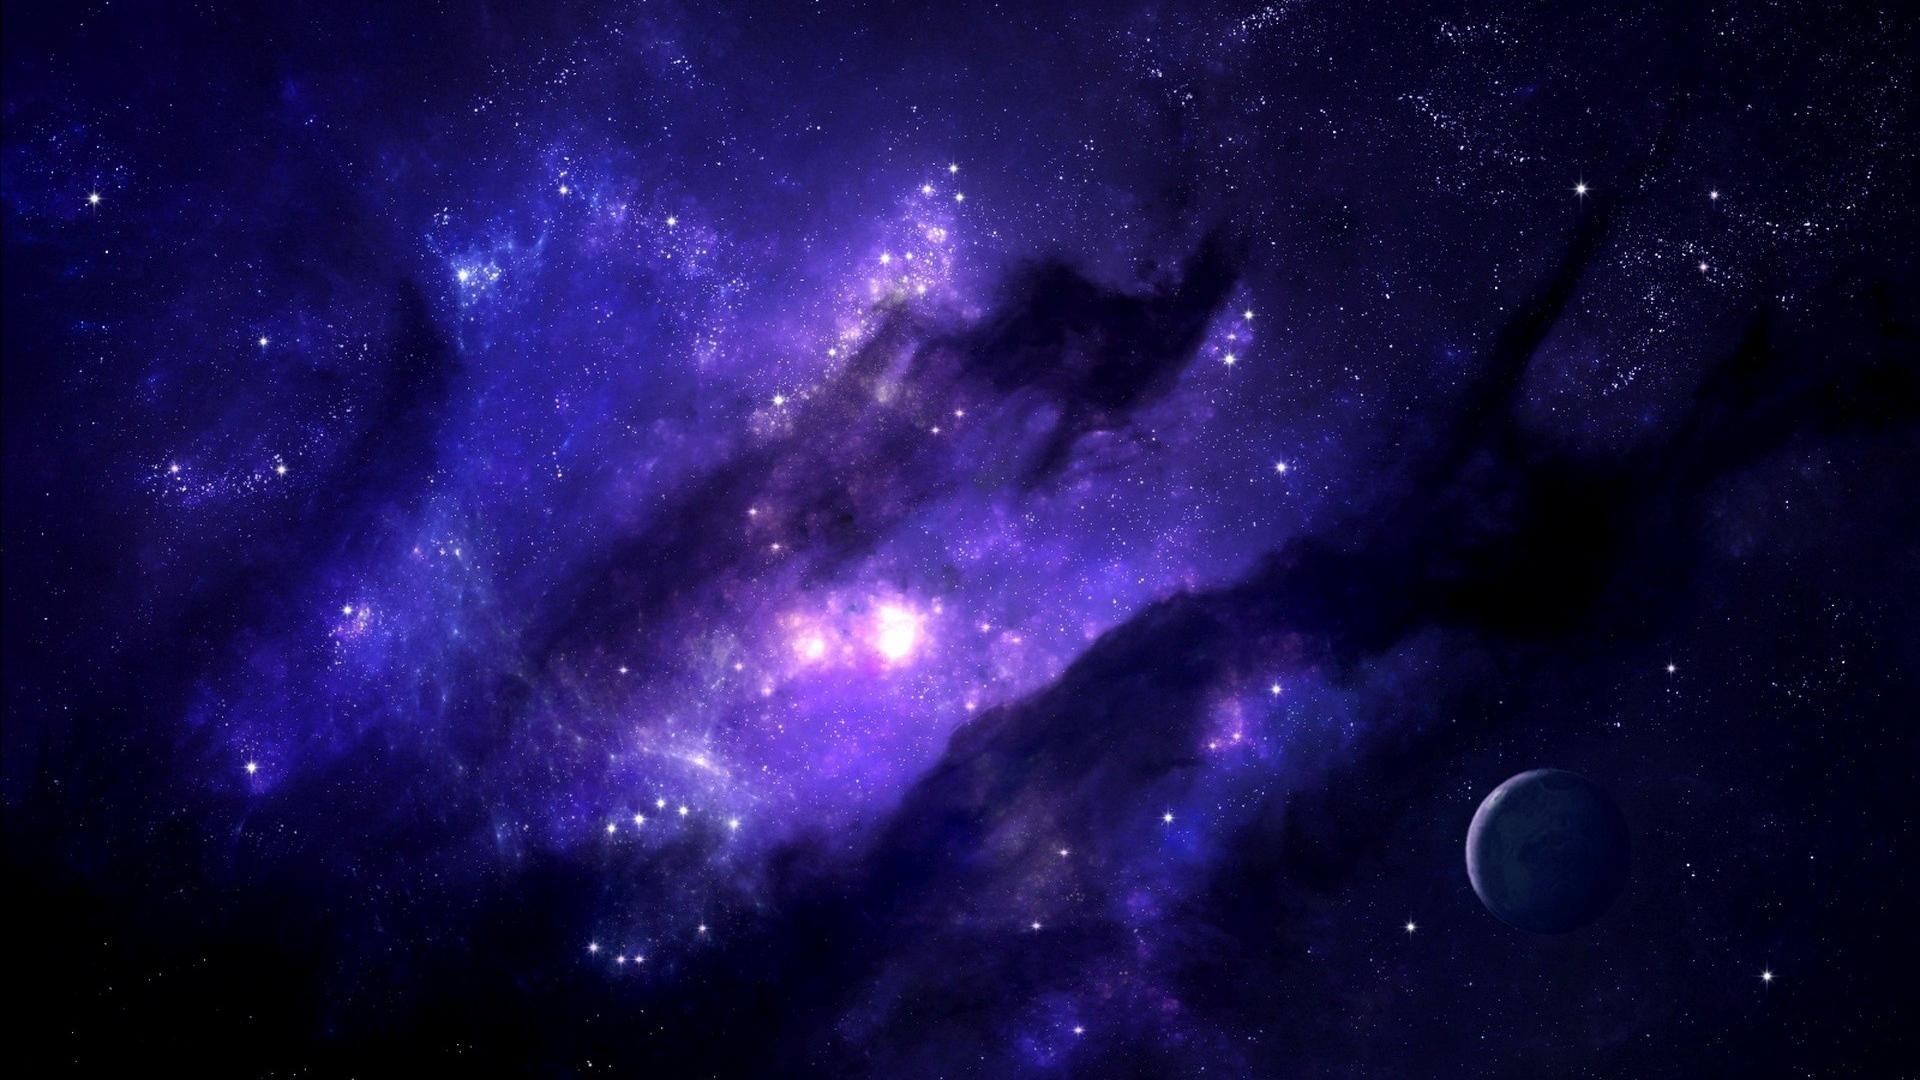 22-kosmos-oboi-kartinki-foto-1920x1080